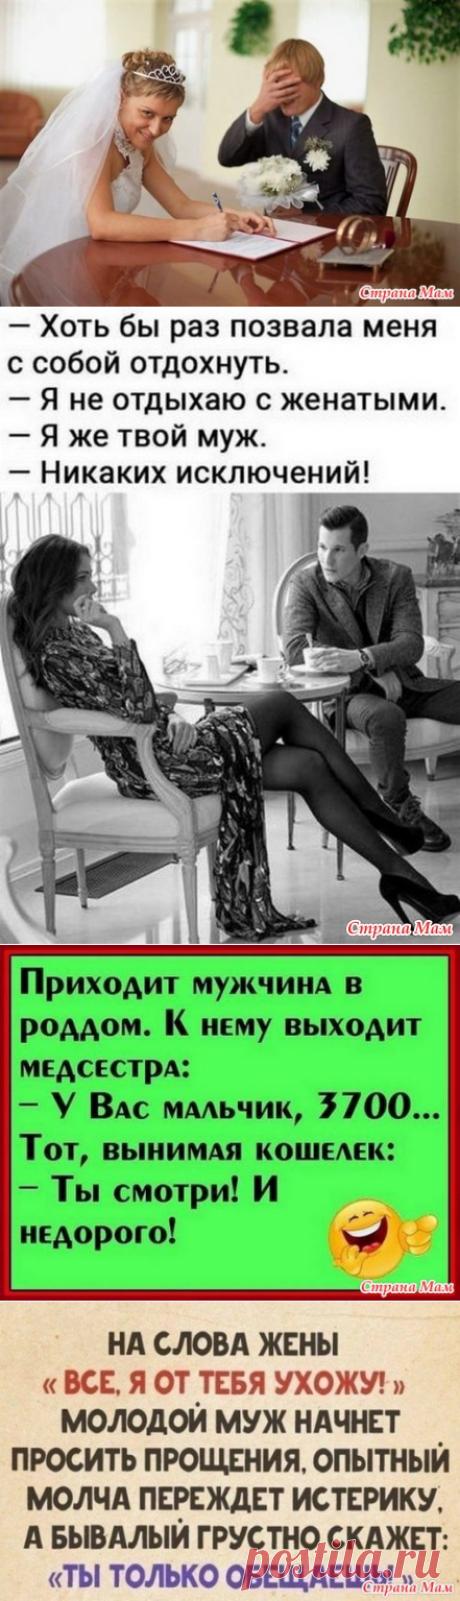 О семейной жизни с юмором. 59 - ВЯЗАНАЯ МОДА+ ДЛЯ НЕМОДЕЛЬНЫХ ДАМ - Страна Мам